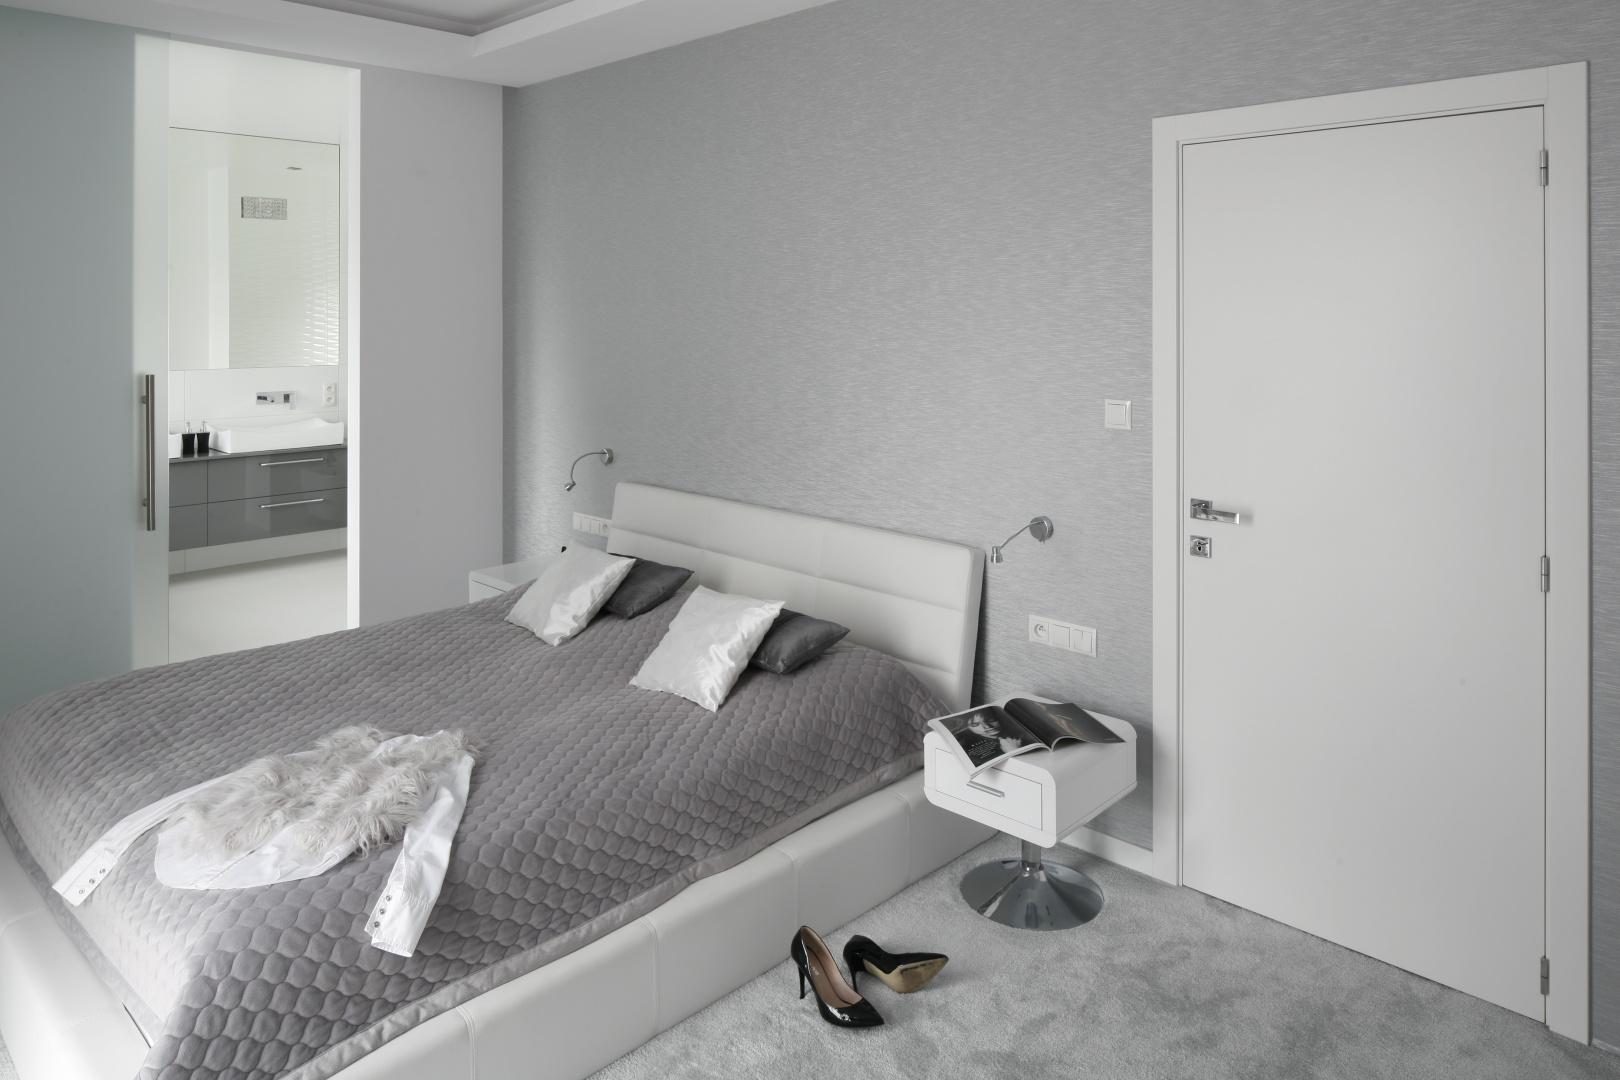 Puchata wykładzina, ściany oraz łóżko mają różne odcienie koloru szarego. Z aranżacją sypialni harmonizuje kolorystyka łazienki, z którą pomieszczenie jest połączone. Projekt: Katarzyna Mikulska-Sękalska. Fot. Bartosz Jarosz